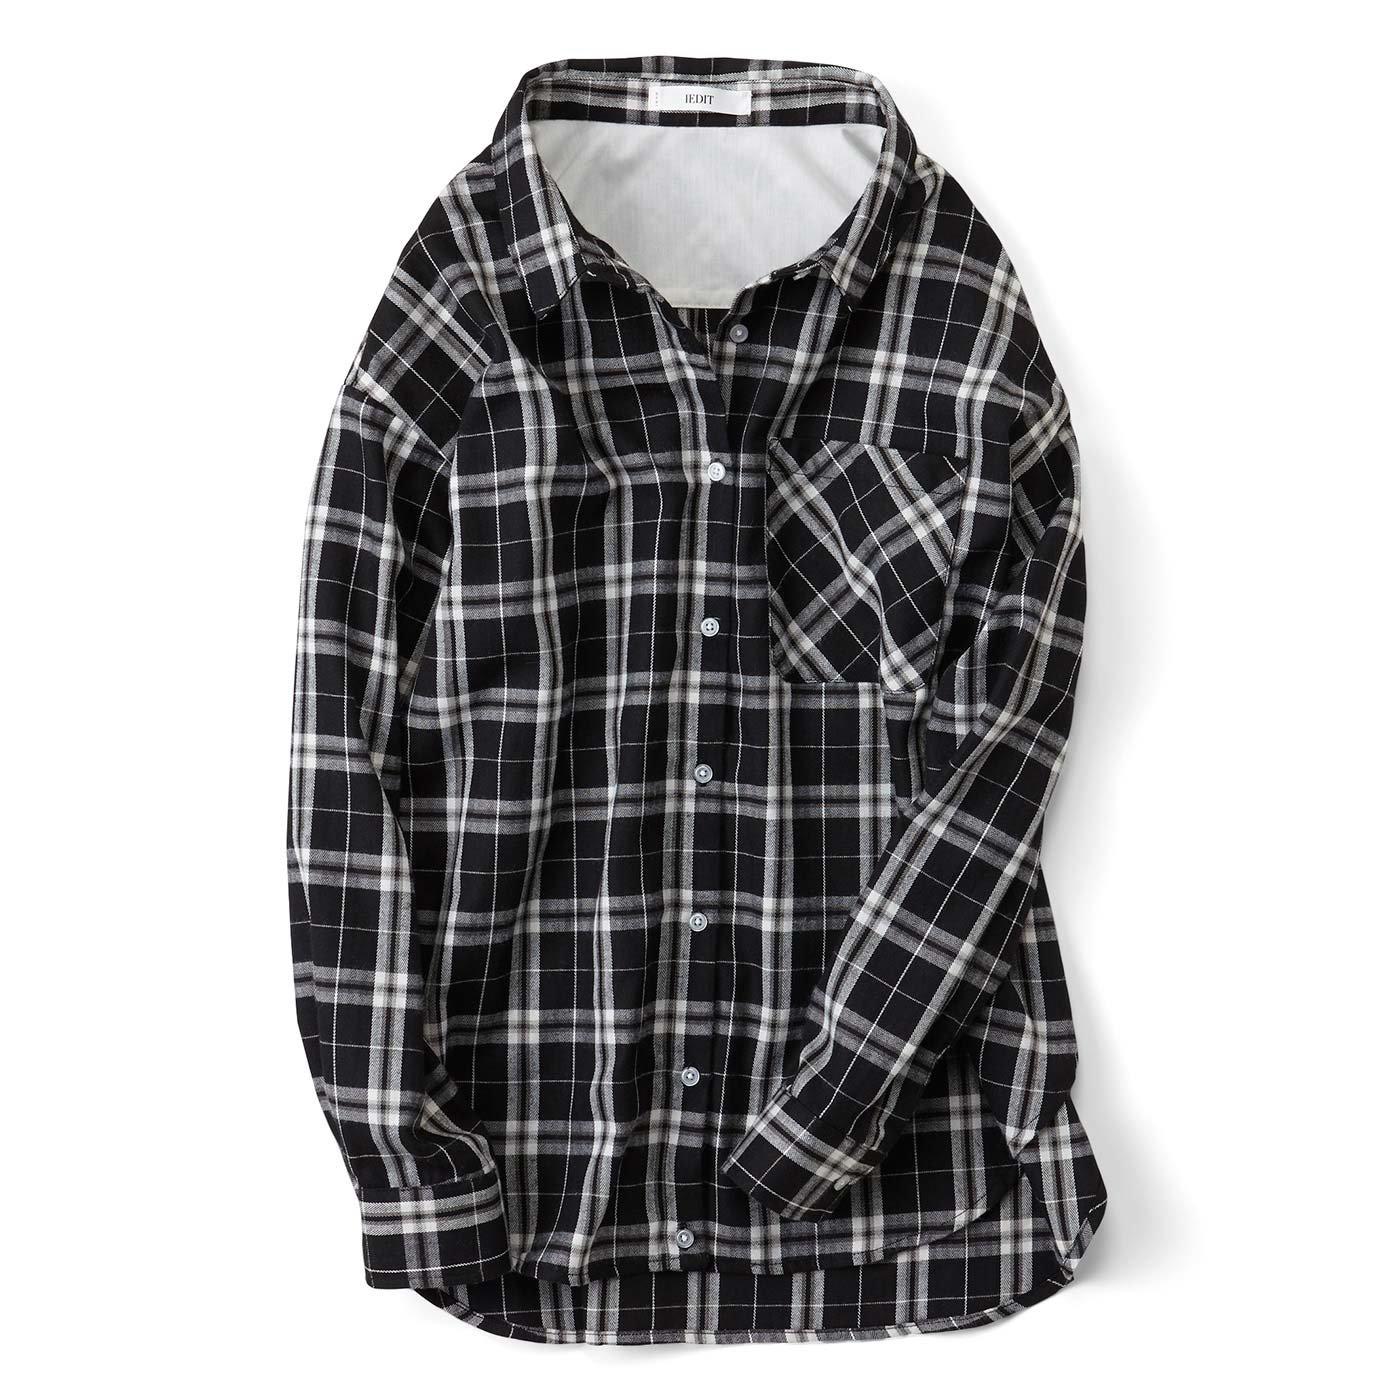 IEDIT やわらかな上品素材が大人に丁度いい たゆんとチェックシャツ〈ブラック〉